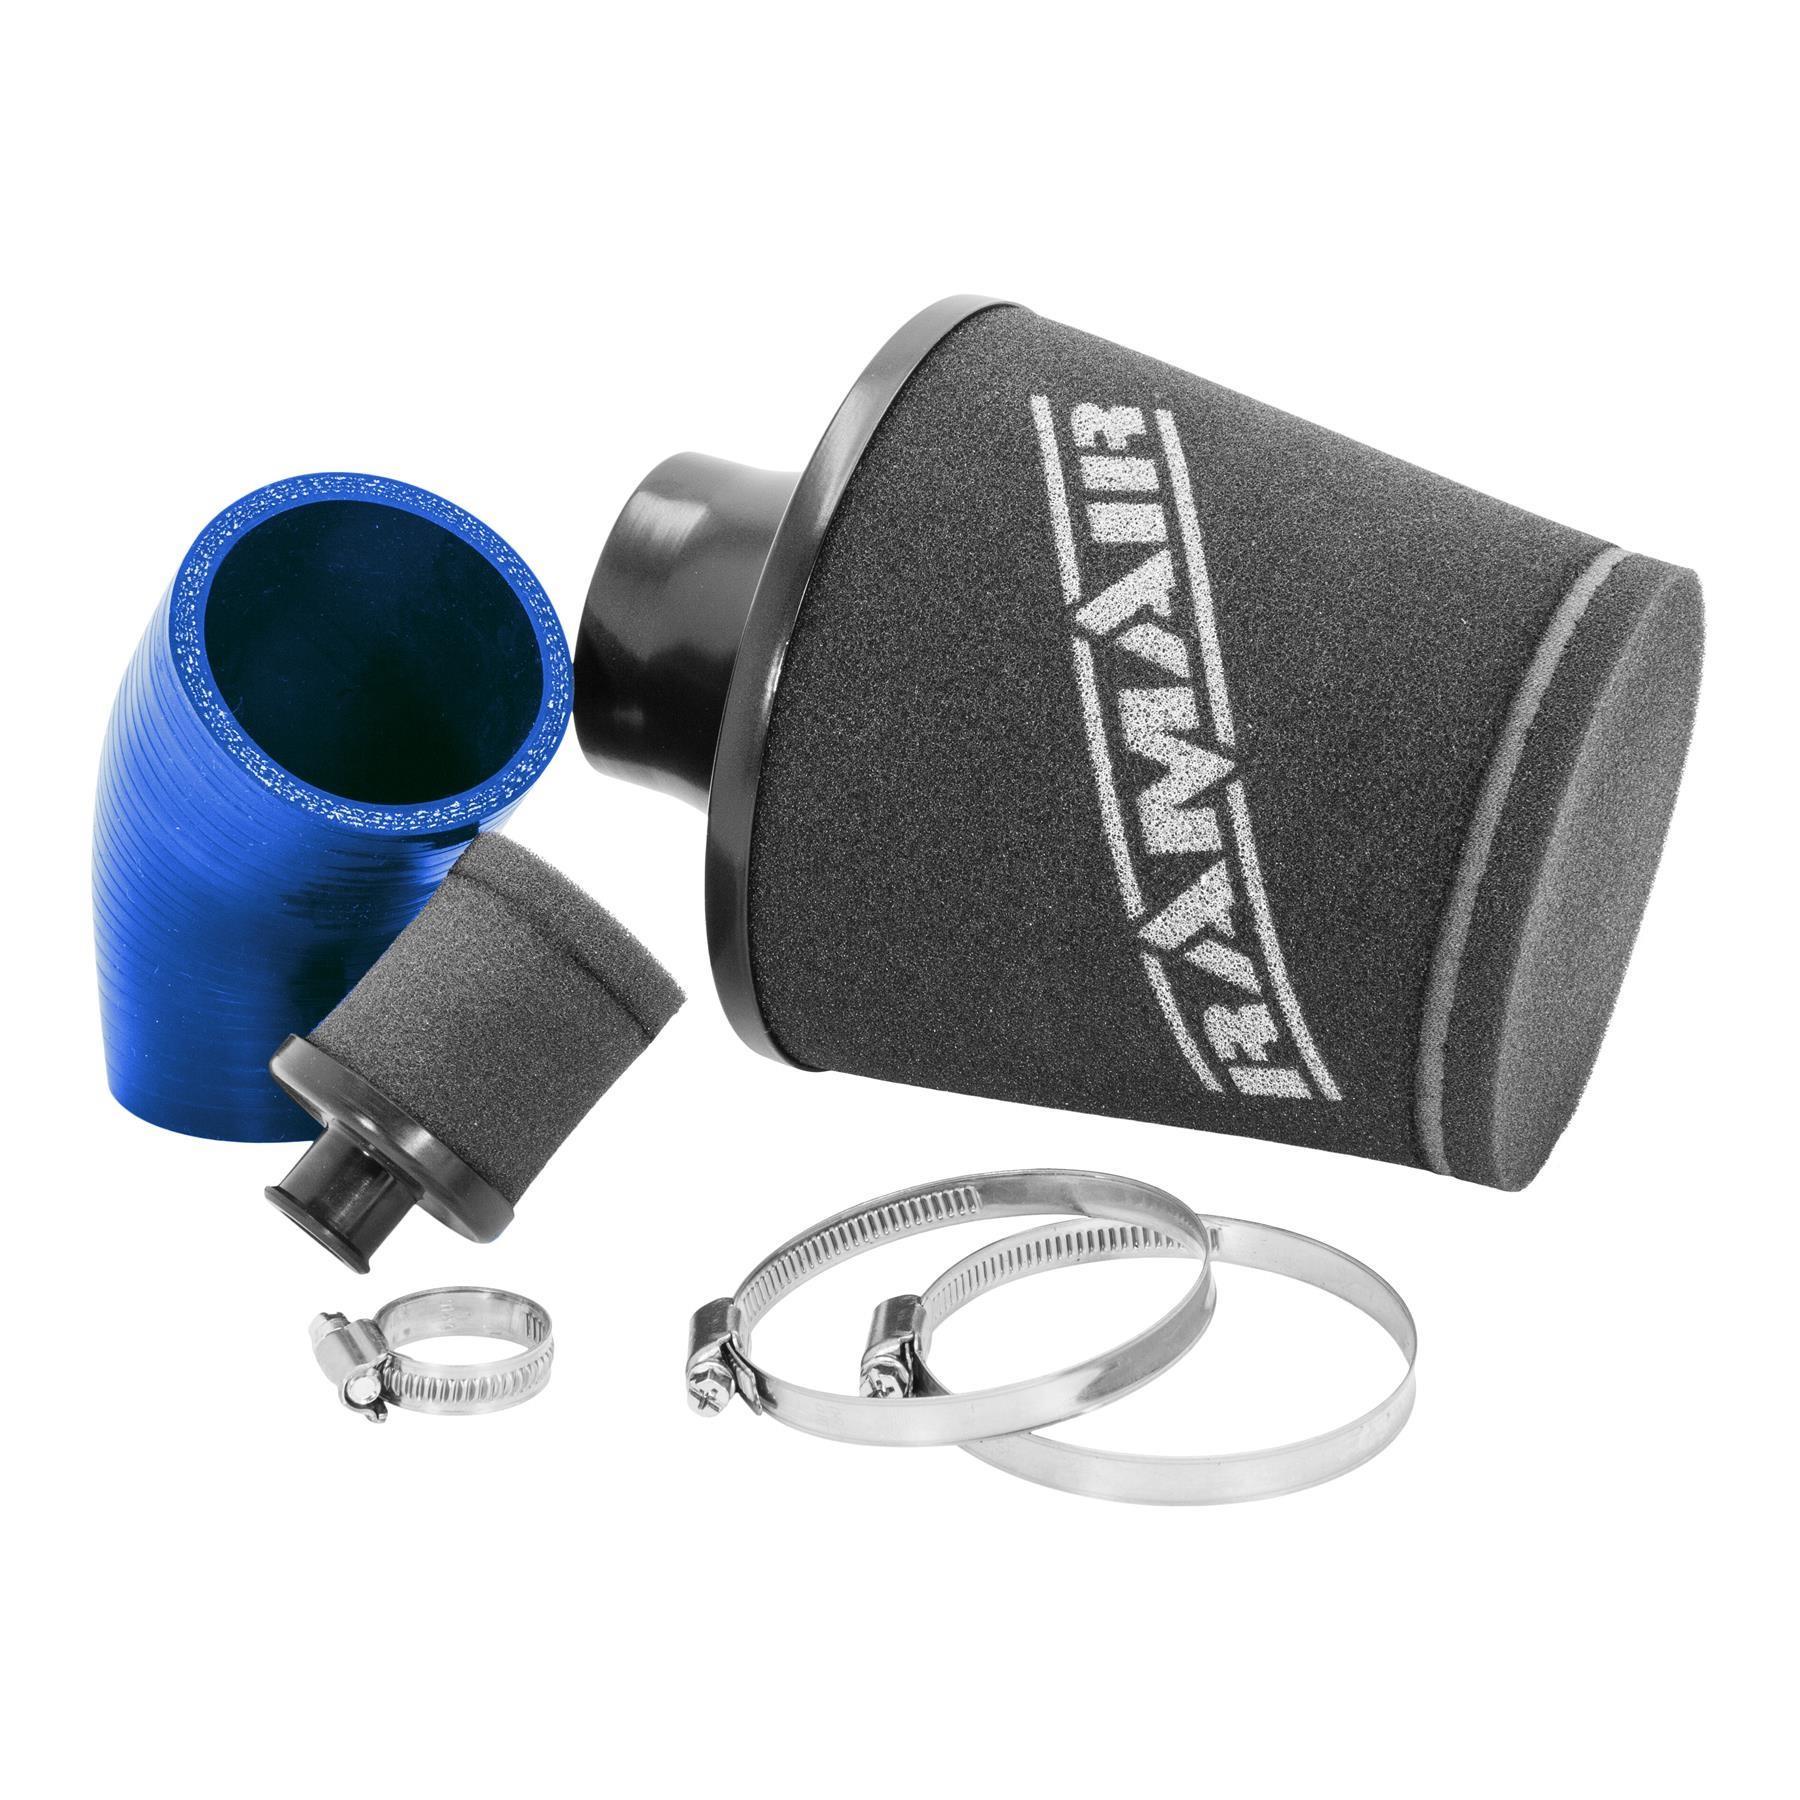 S/'adapte Mini One R52 1.6 Véritable Imprimé bleu Filtre à Air Insert